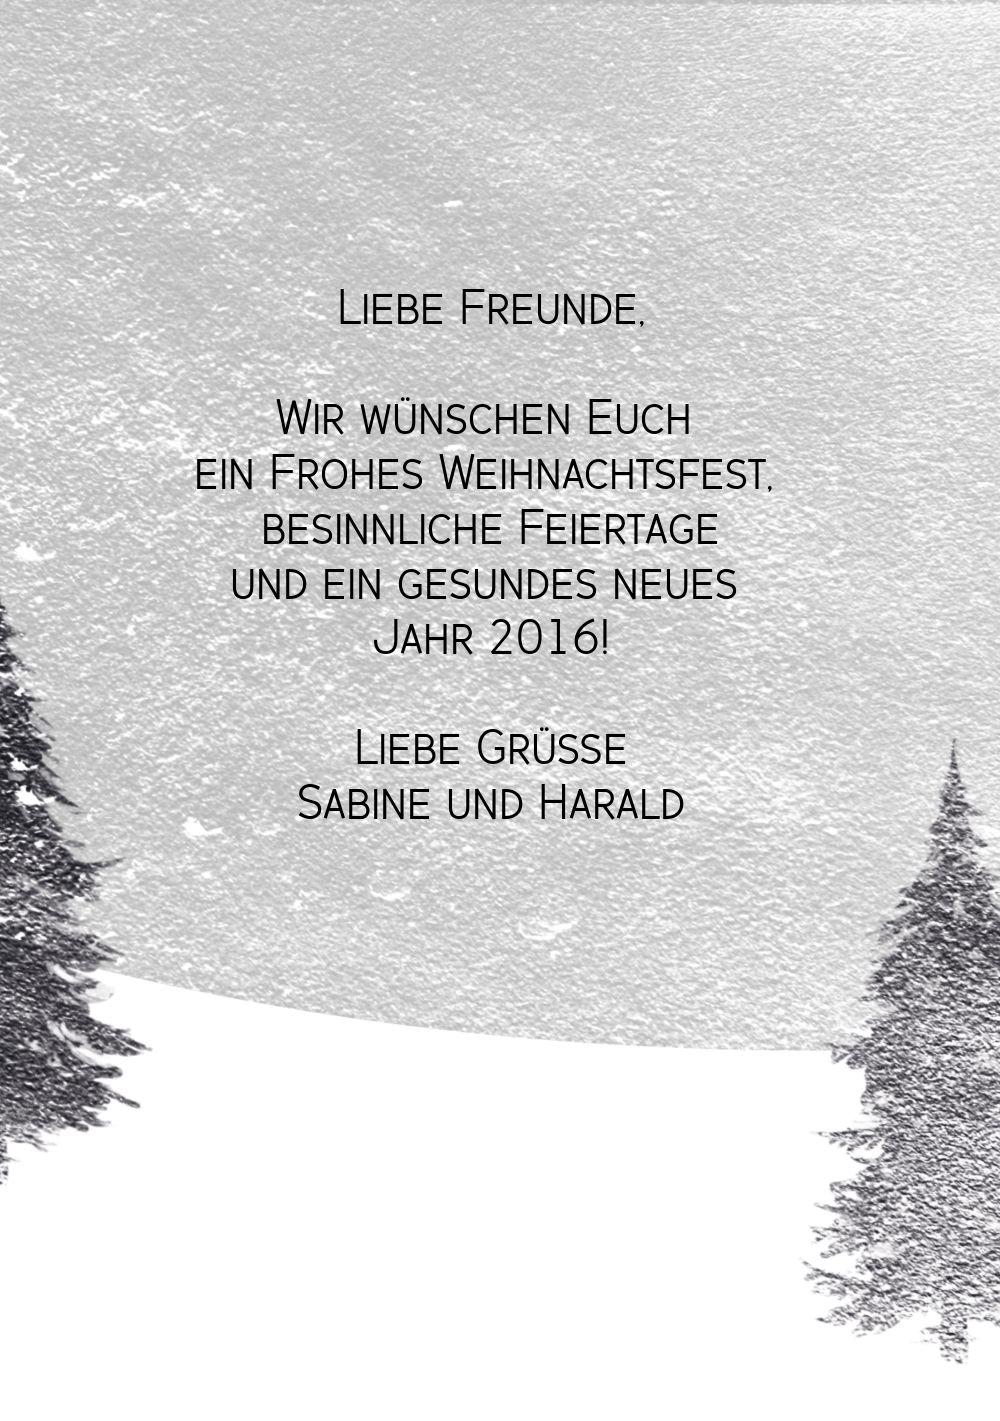 Ansicht 5 - Grußkarte Winterwald